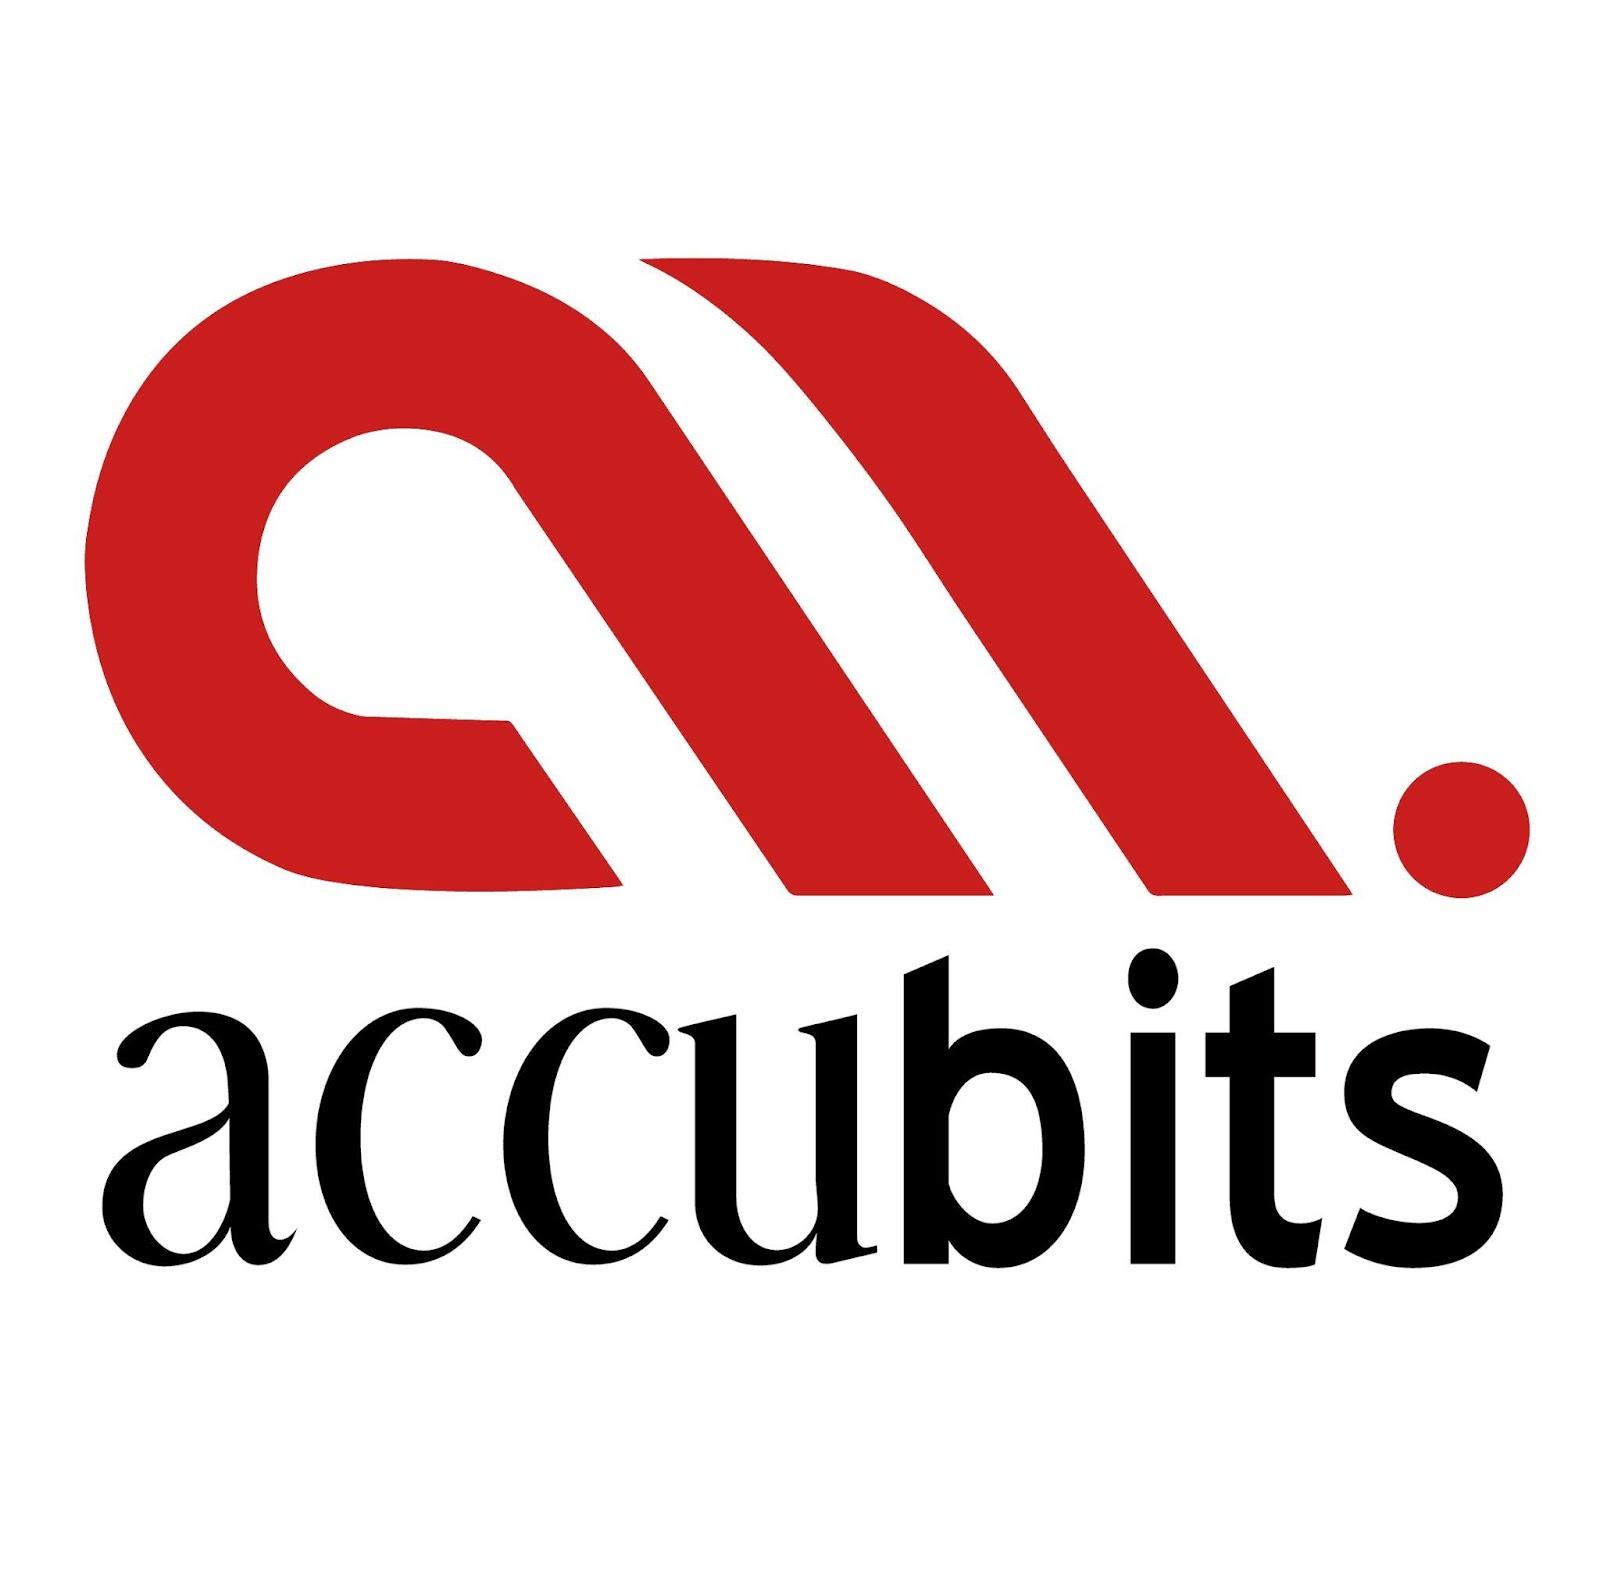 Logo of accubits